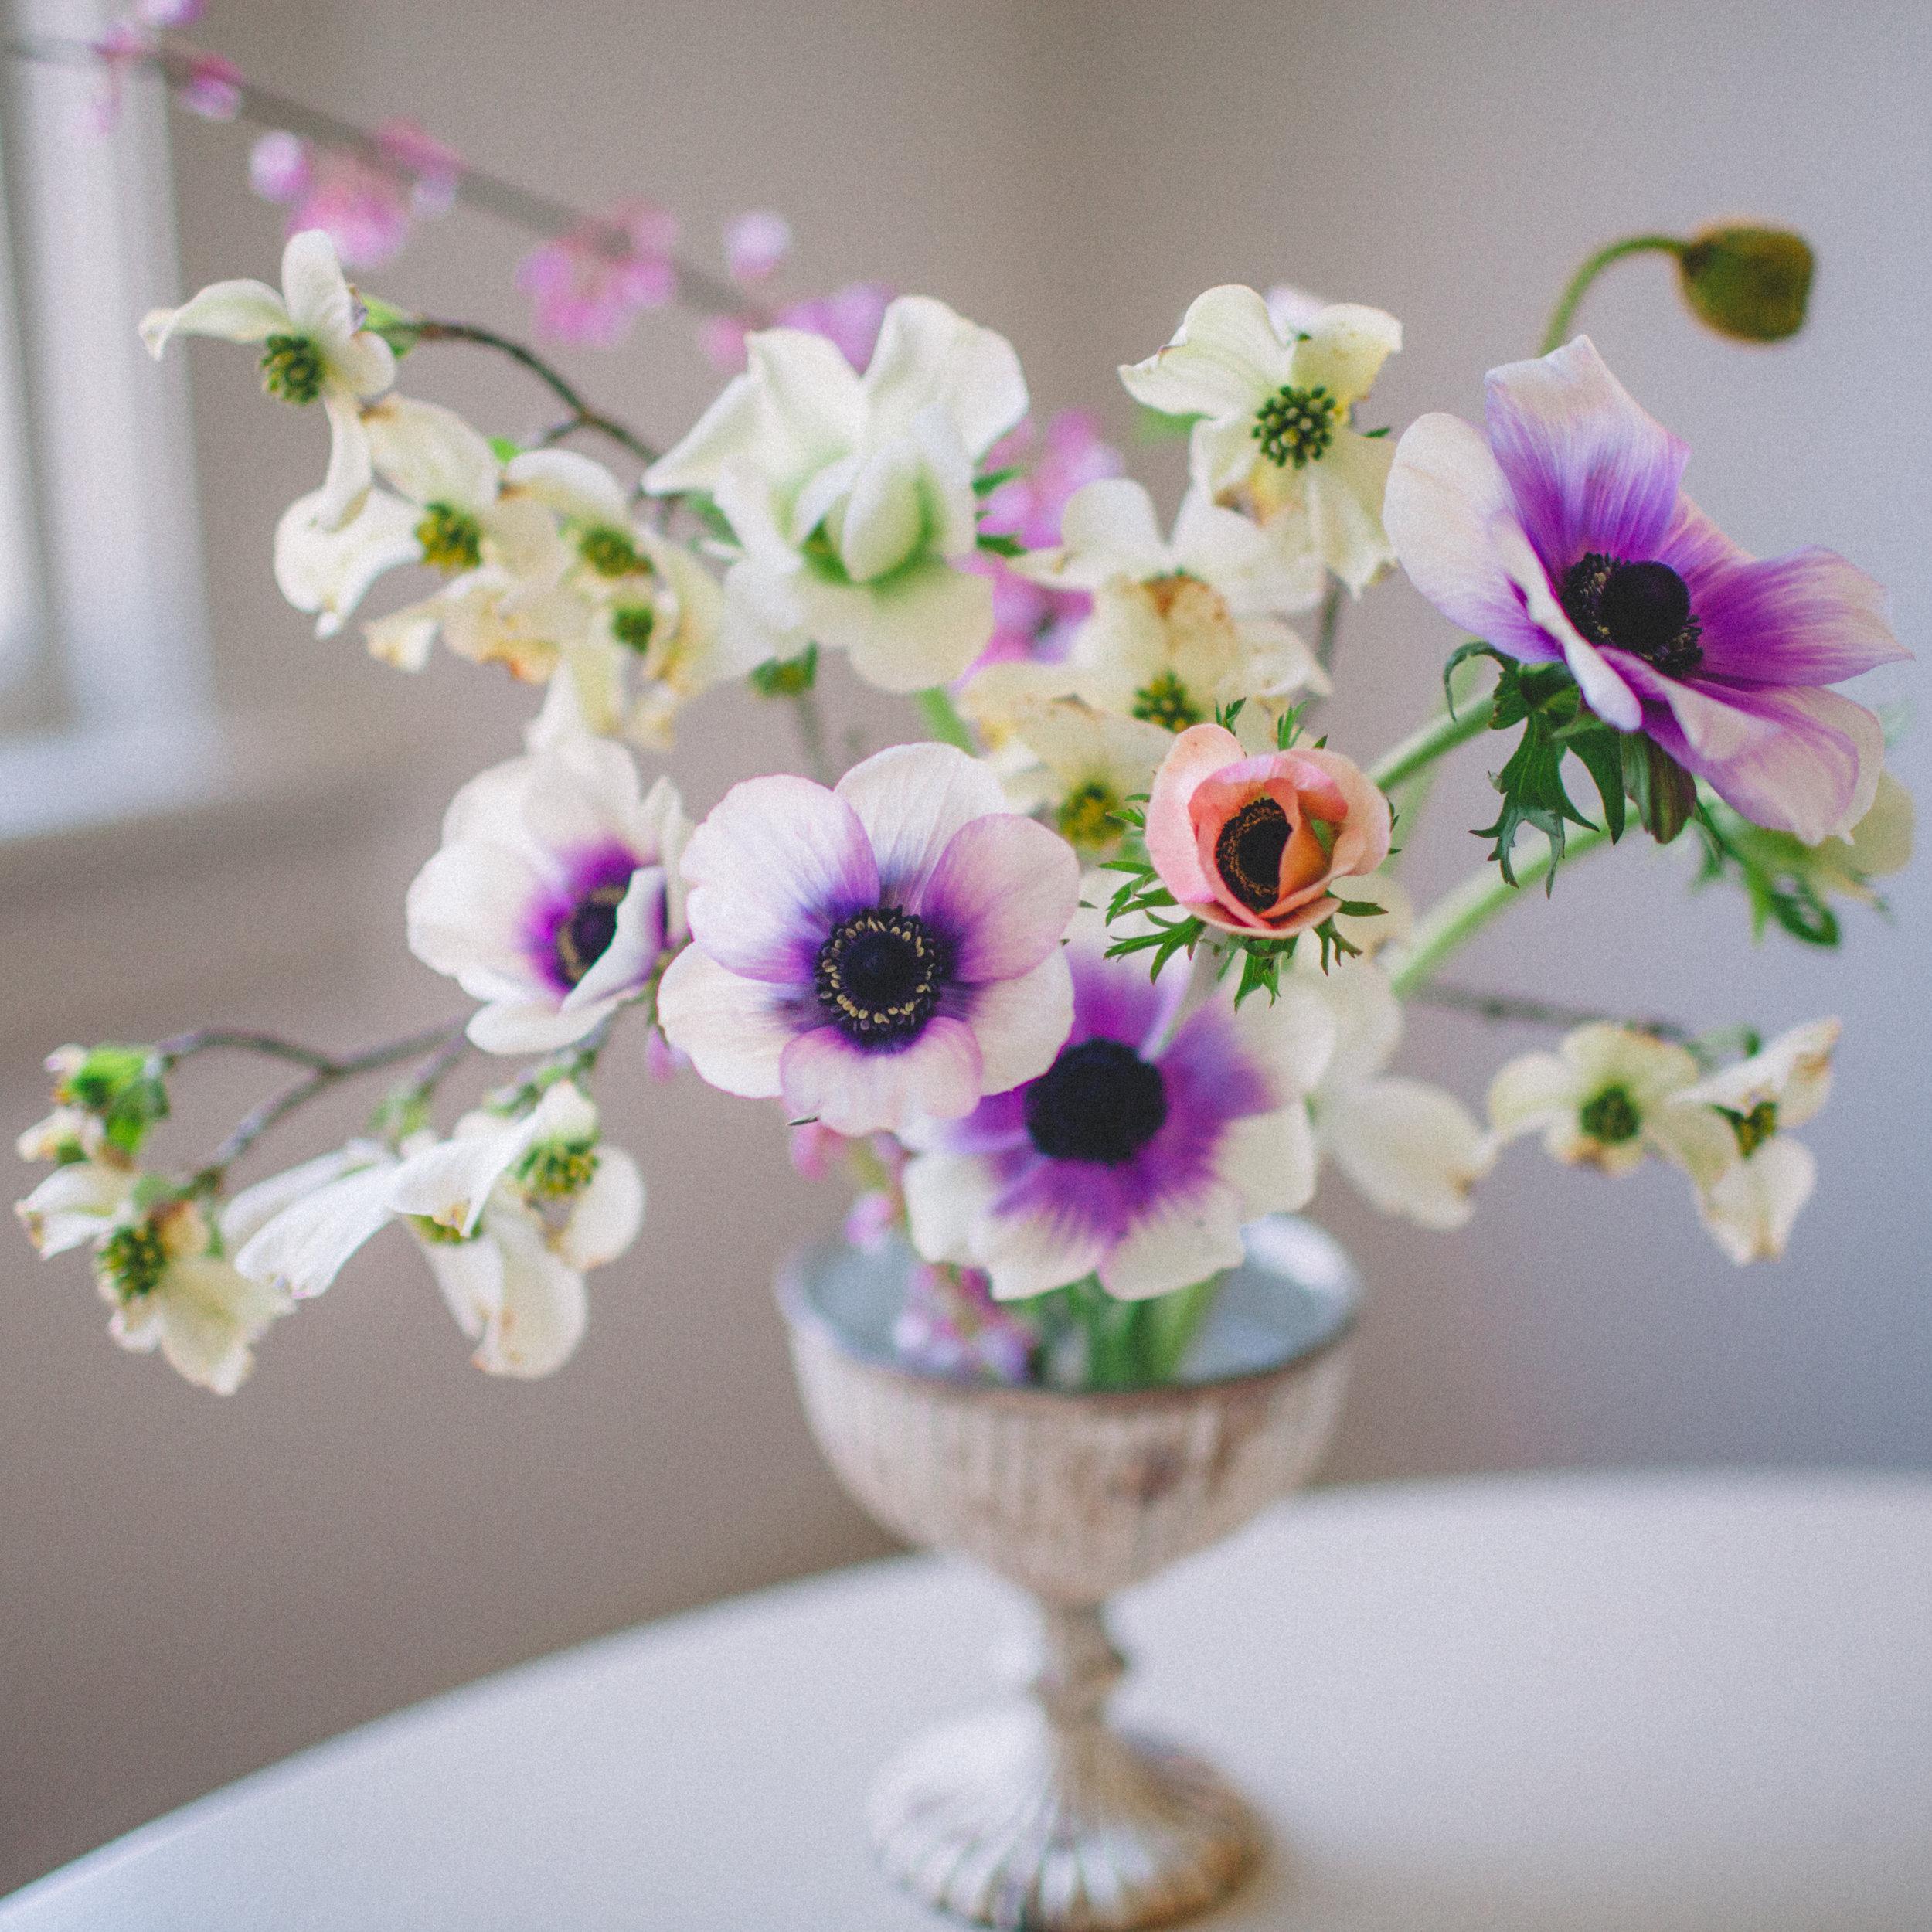 florals-march24-4.jpg